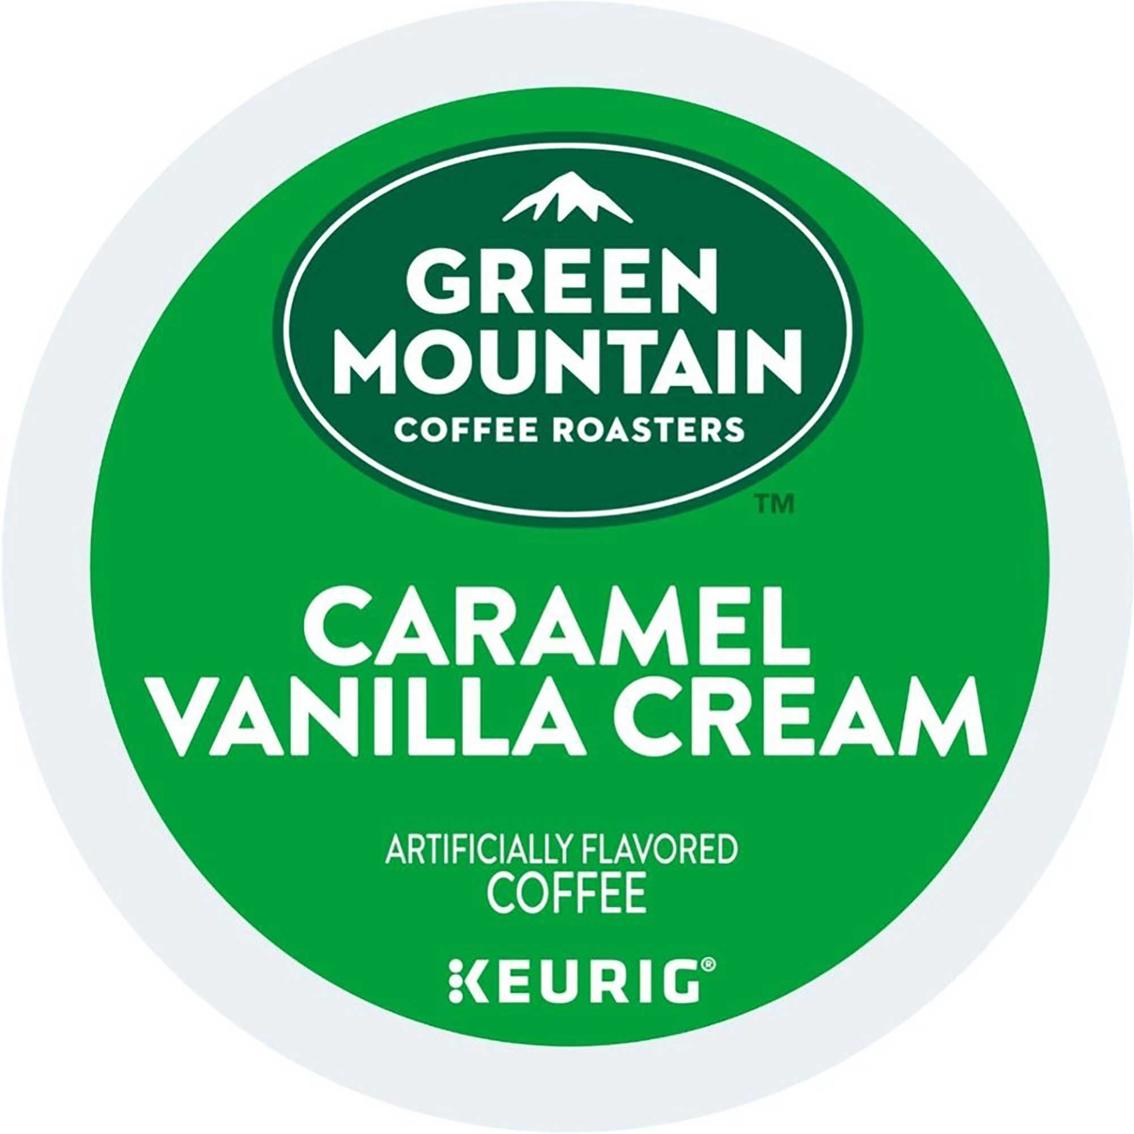 Keurig Green Mountain Coffee Caramel